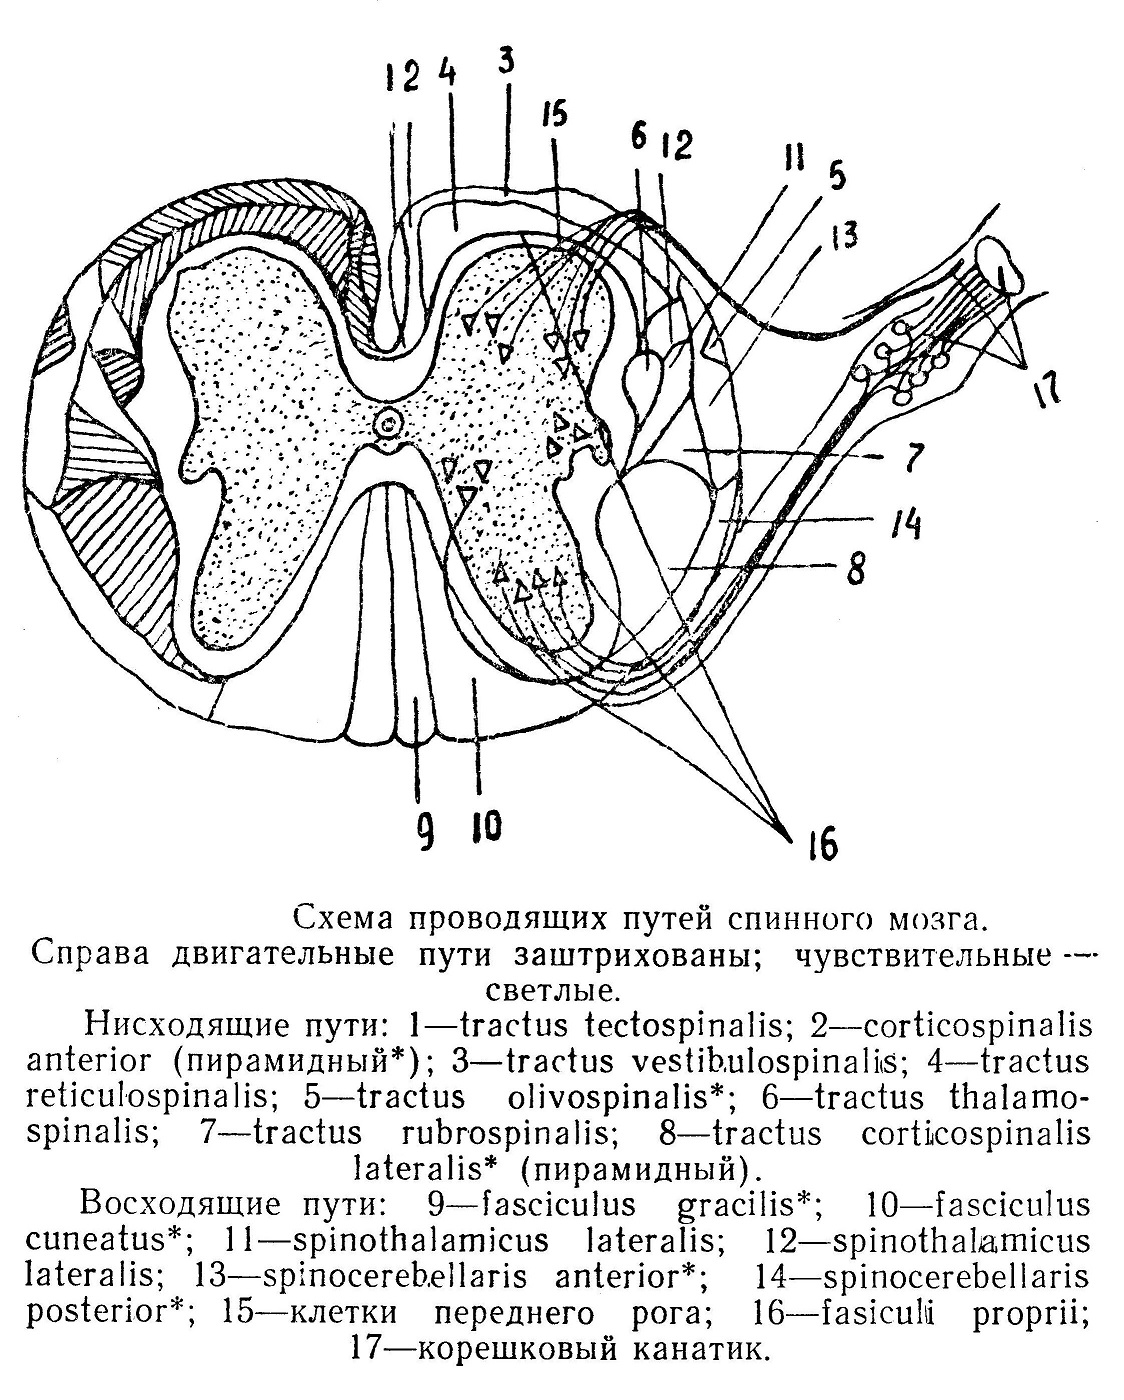 Схема проводящих путей спинного мозга. Справа двигательные пути заштрихованы; чувствительные — светлые.